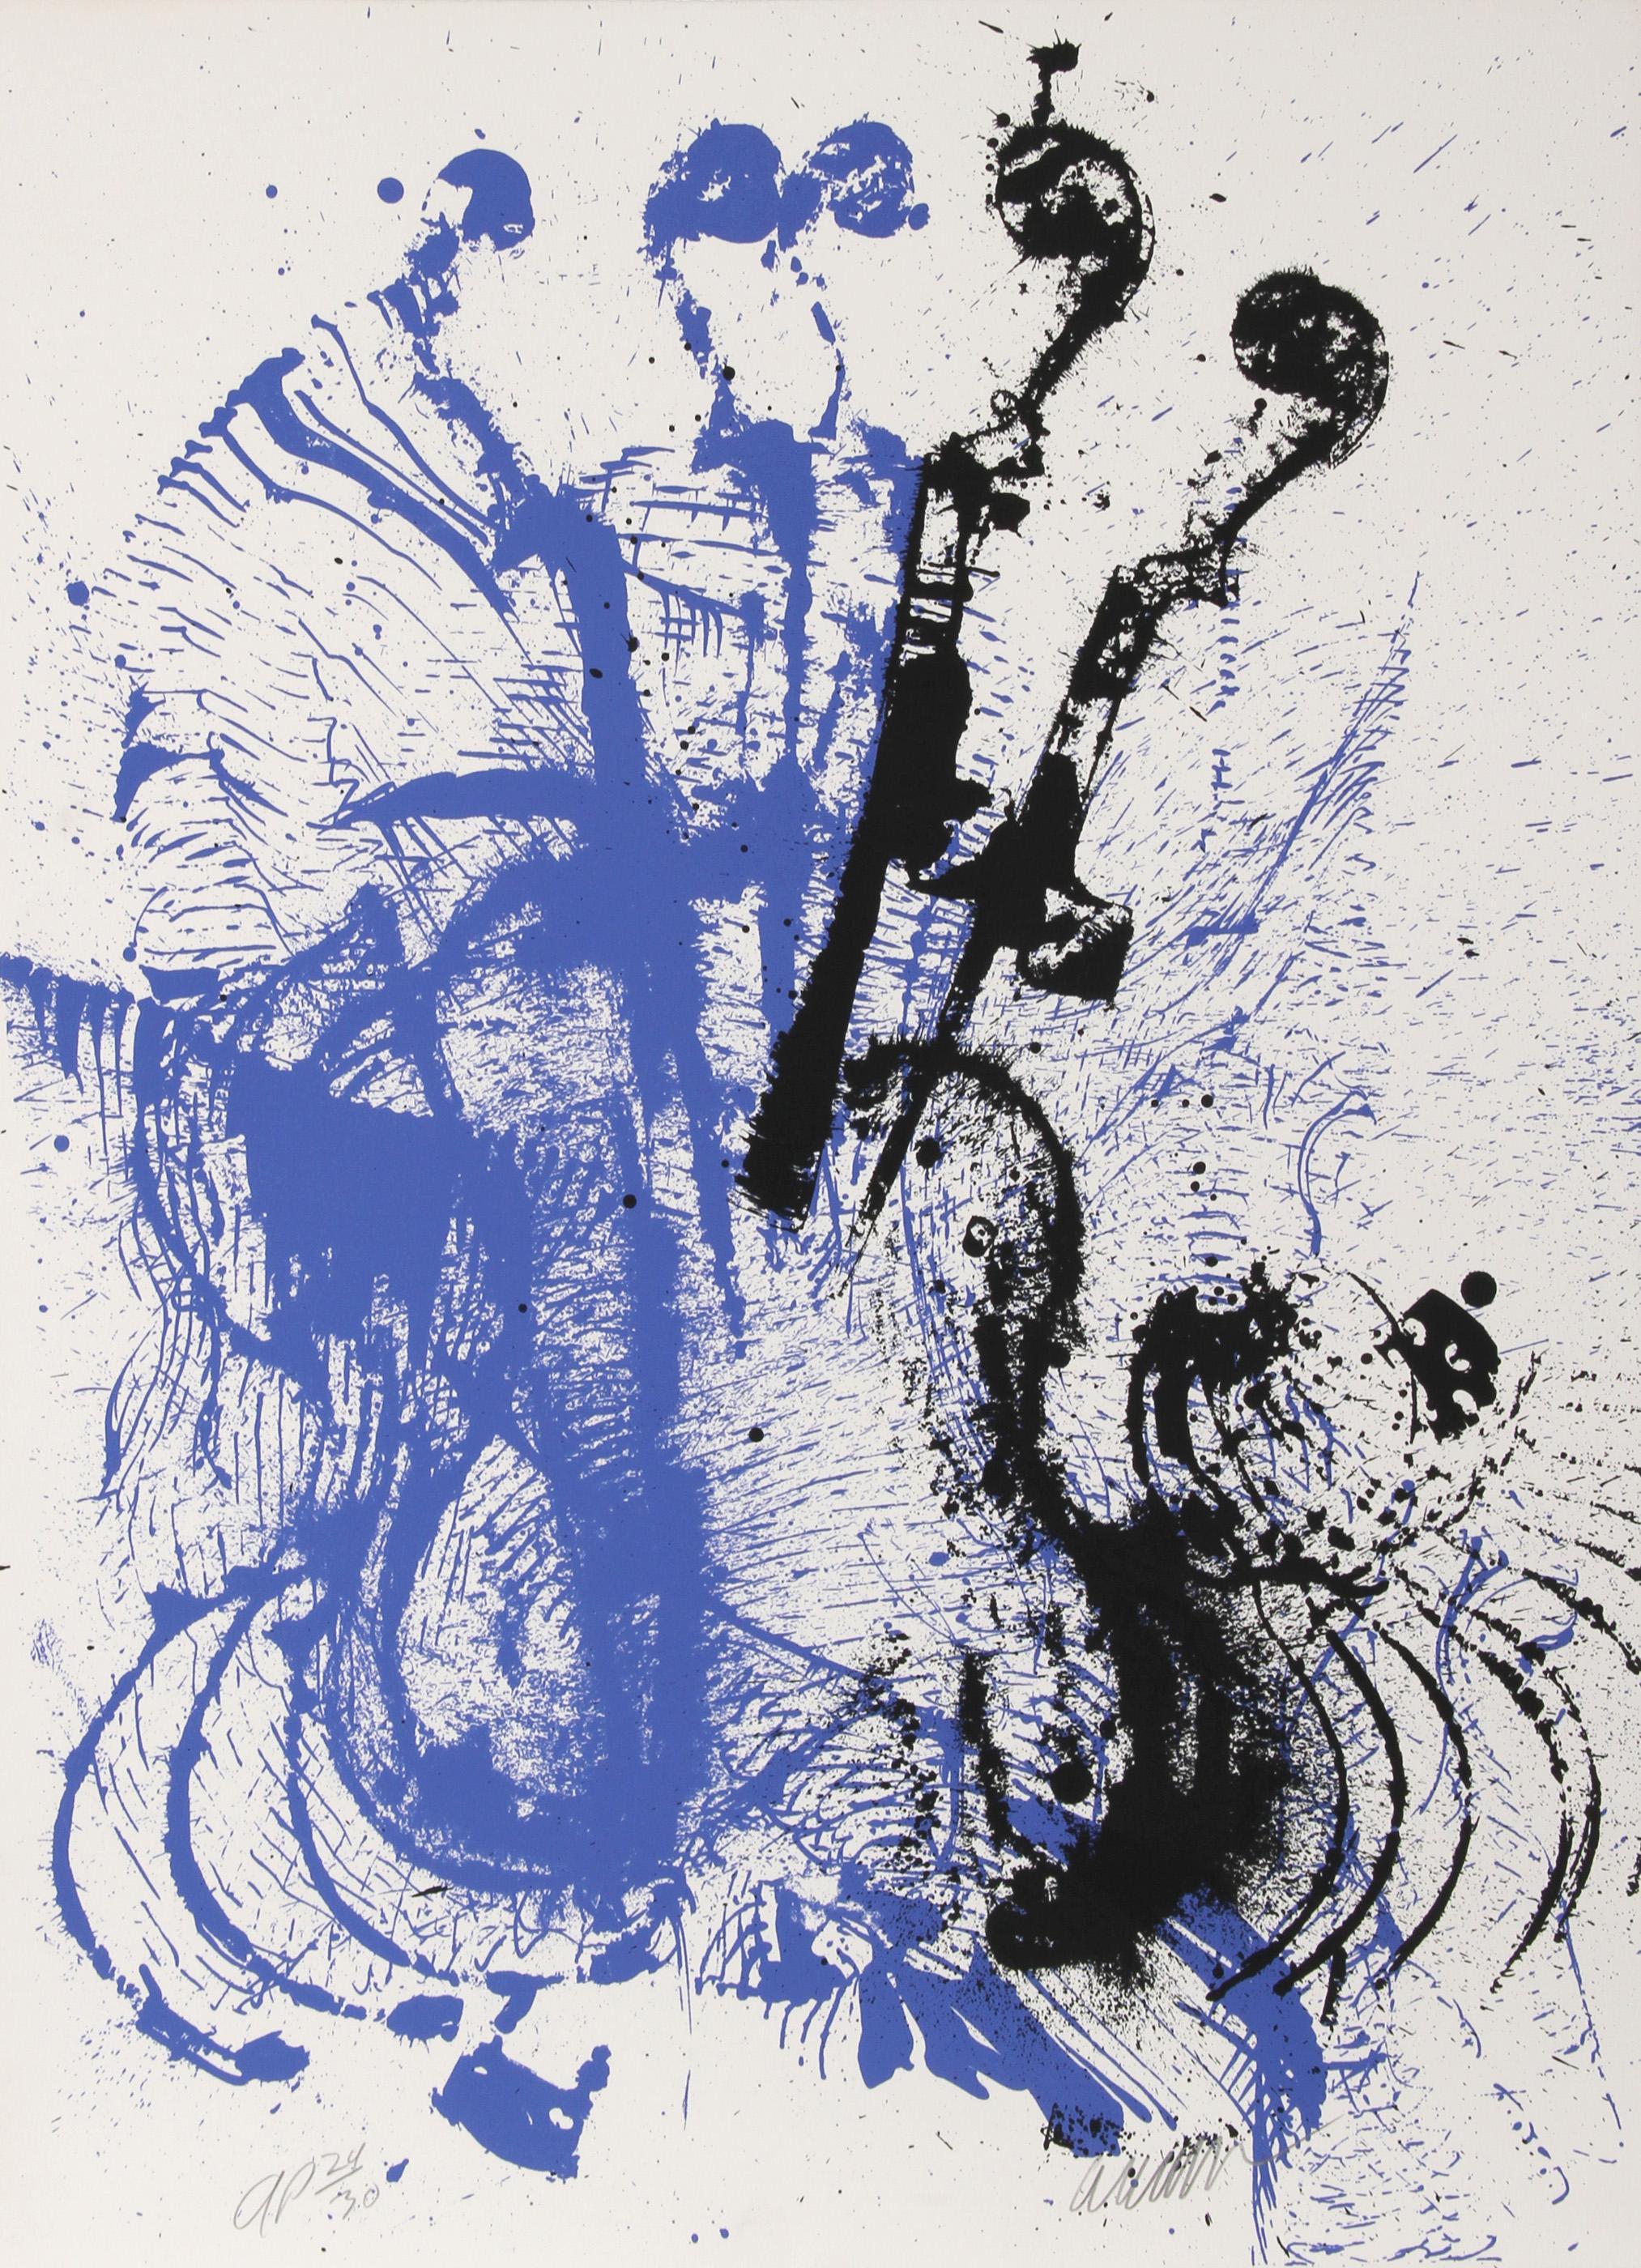 Arman, Electric Concerto, Silkscreen